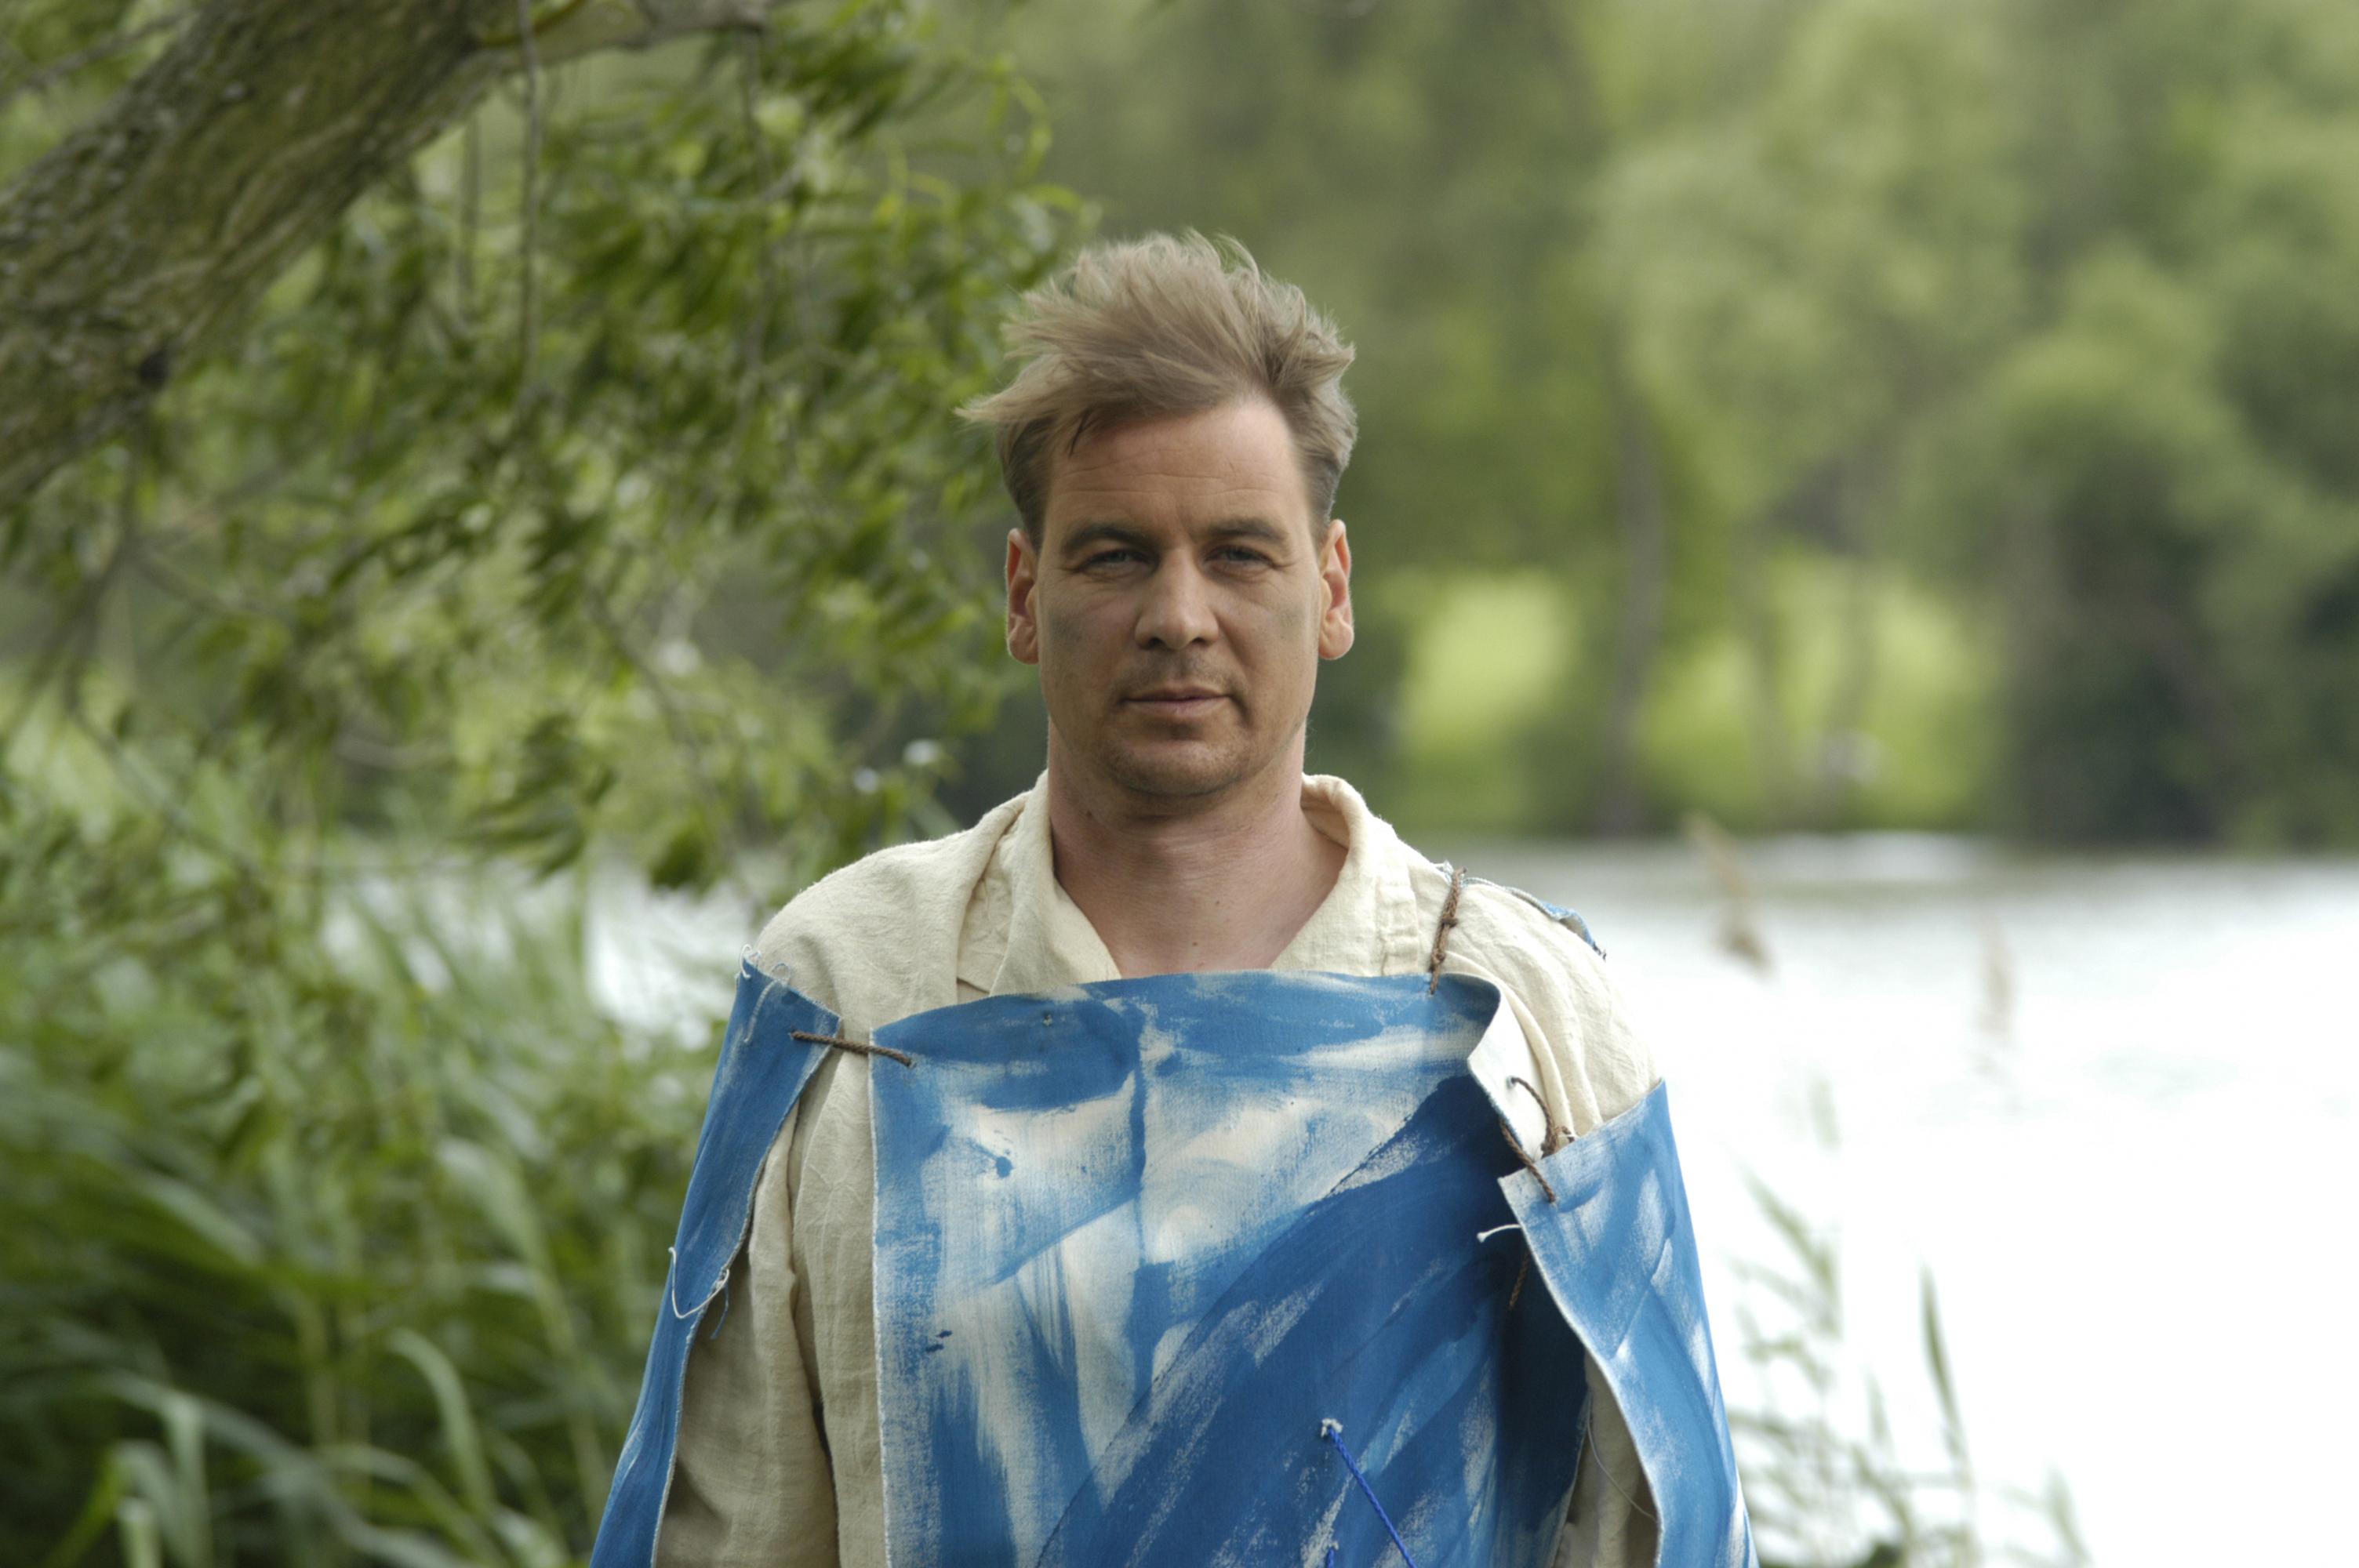 Axel Theune als Kunstahne, Halbportrait